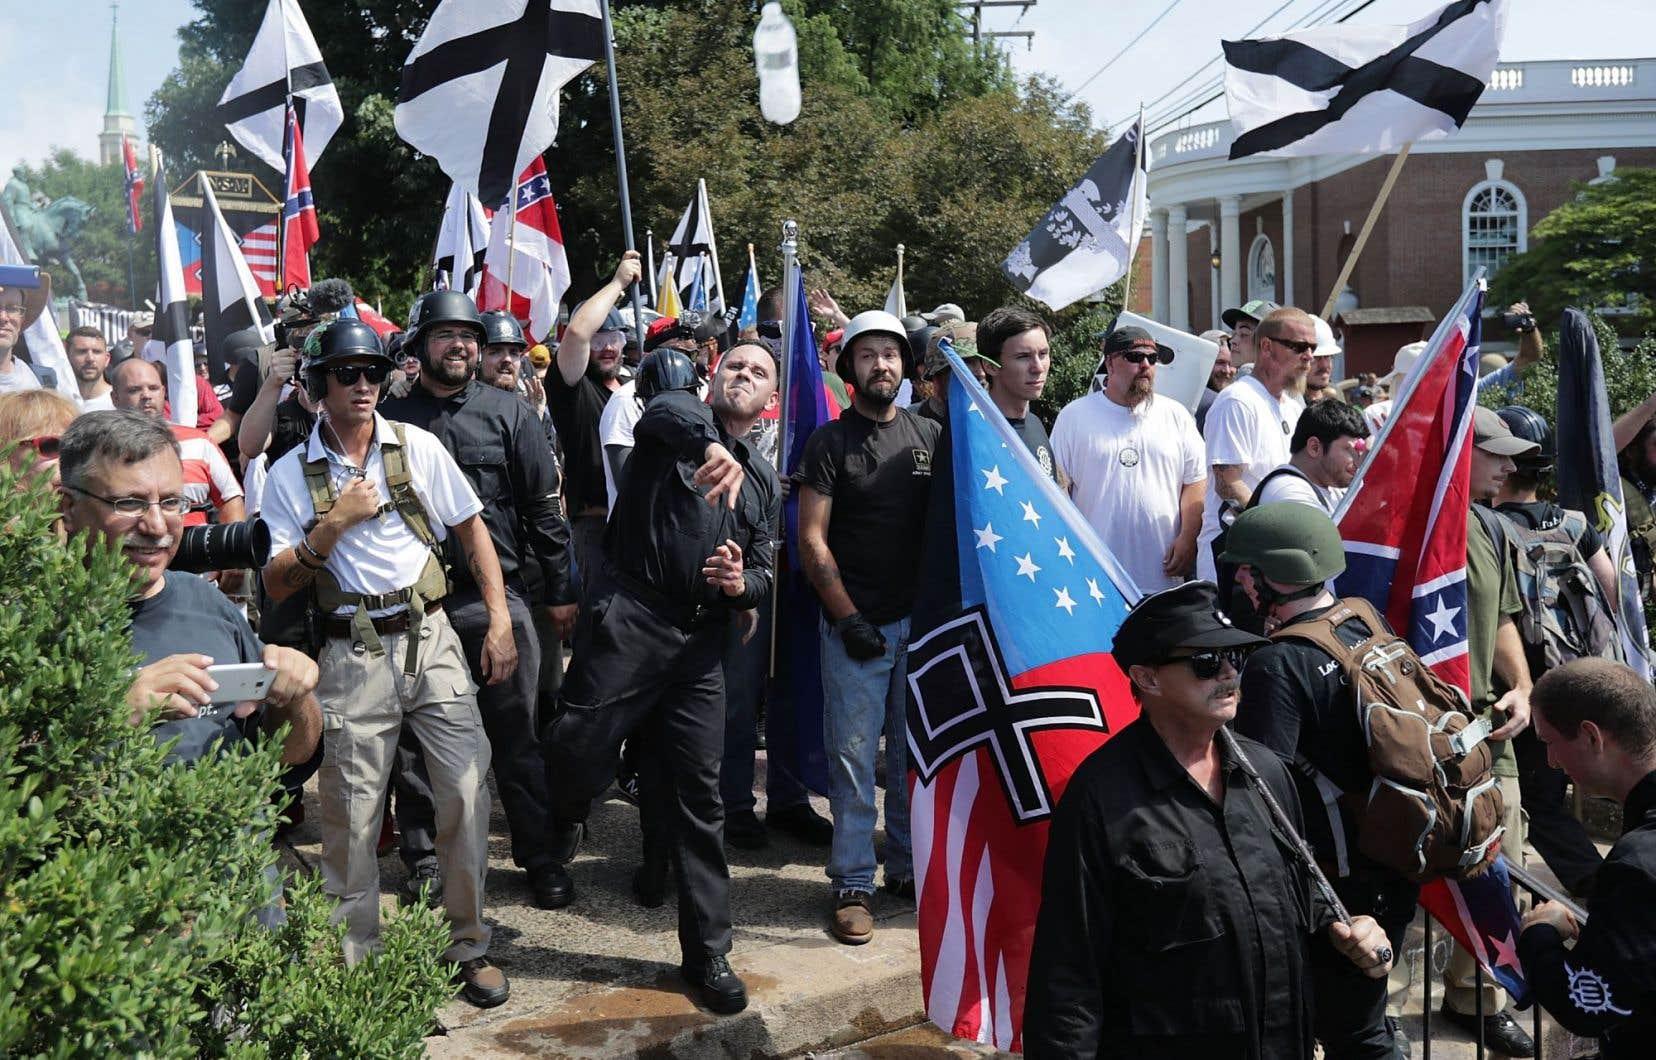 La manifestation en Virginie a donné lieu à de violents affrontements entre le camp composé de groupes néonazis et de membres du Ku Klux Klan (KKK) et l'autre camp, qui était composé de militants opposés aux positions de ces personnes se réclamant de la droite alternative.